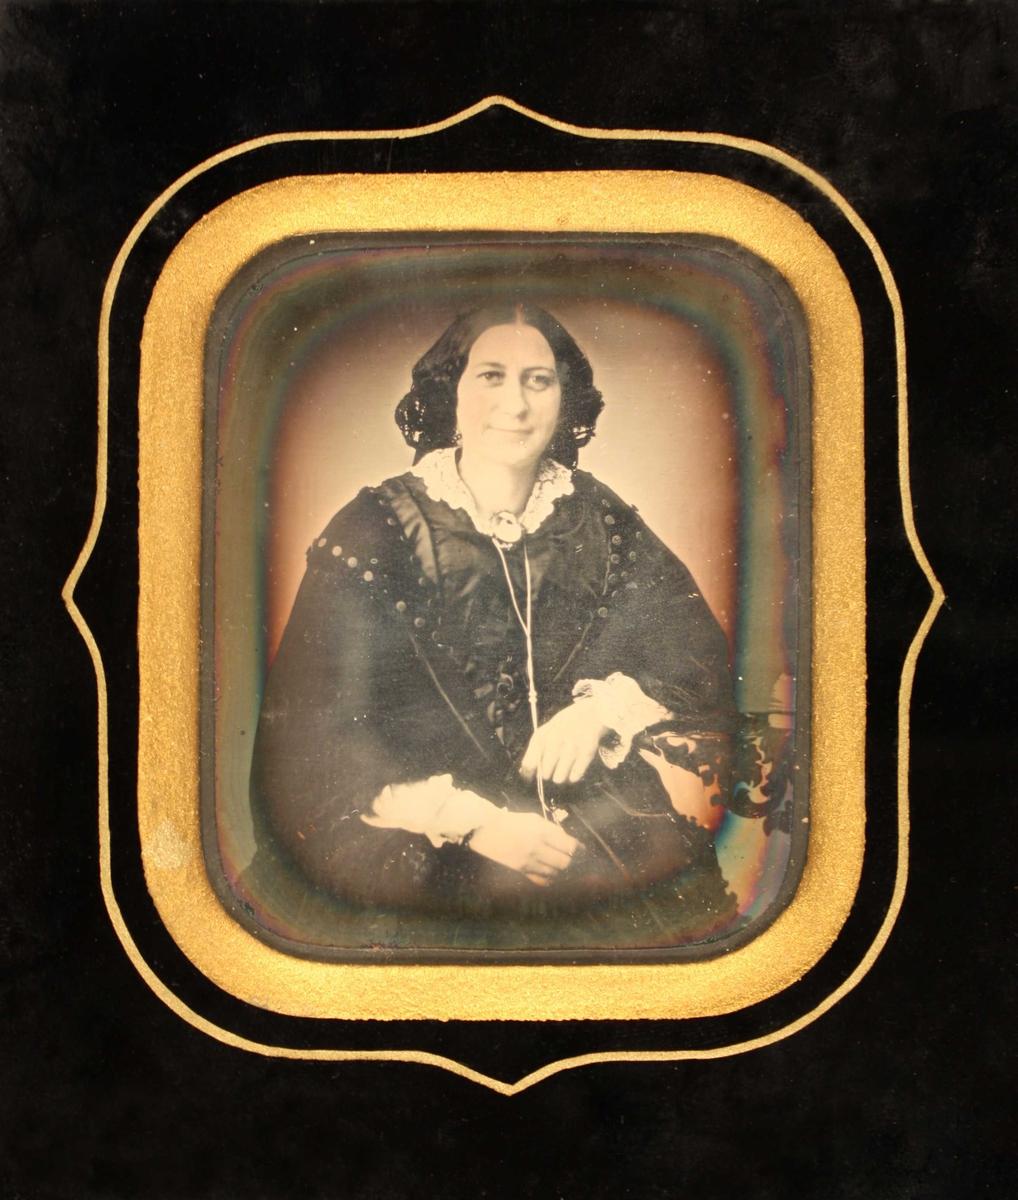 Portrett av Kaja Westergaard, 1856. Portrett av kvinne i en face, sittende, avsk. ved knærne, langt sort hår  med midtskill. Hvit blondekrave med brosje, holder med begge hender om en lang  lenke. Sort omramn. med gull inneramme.